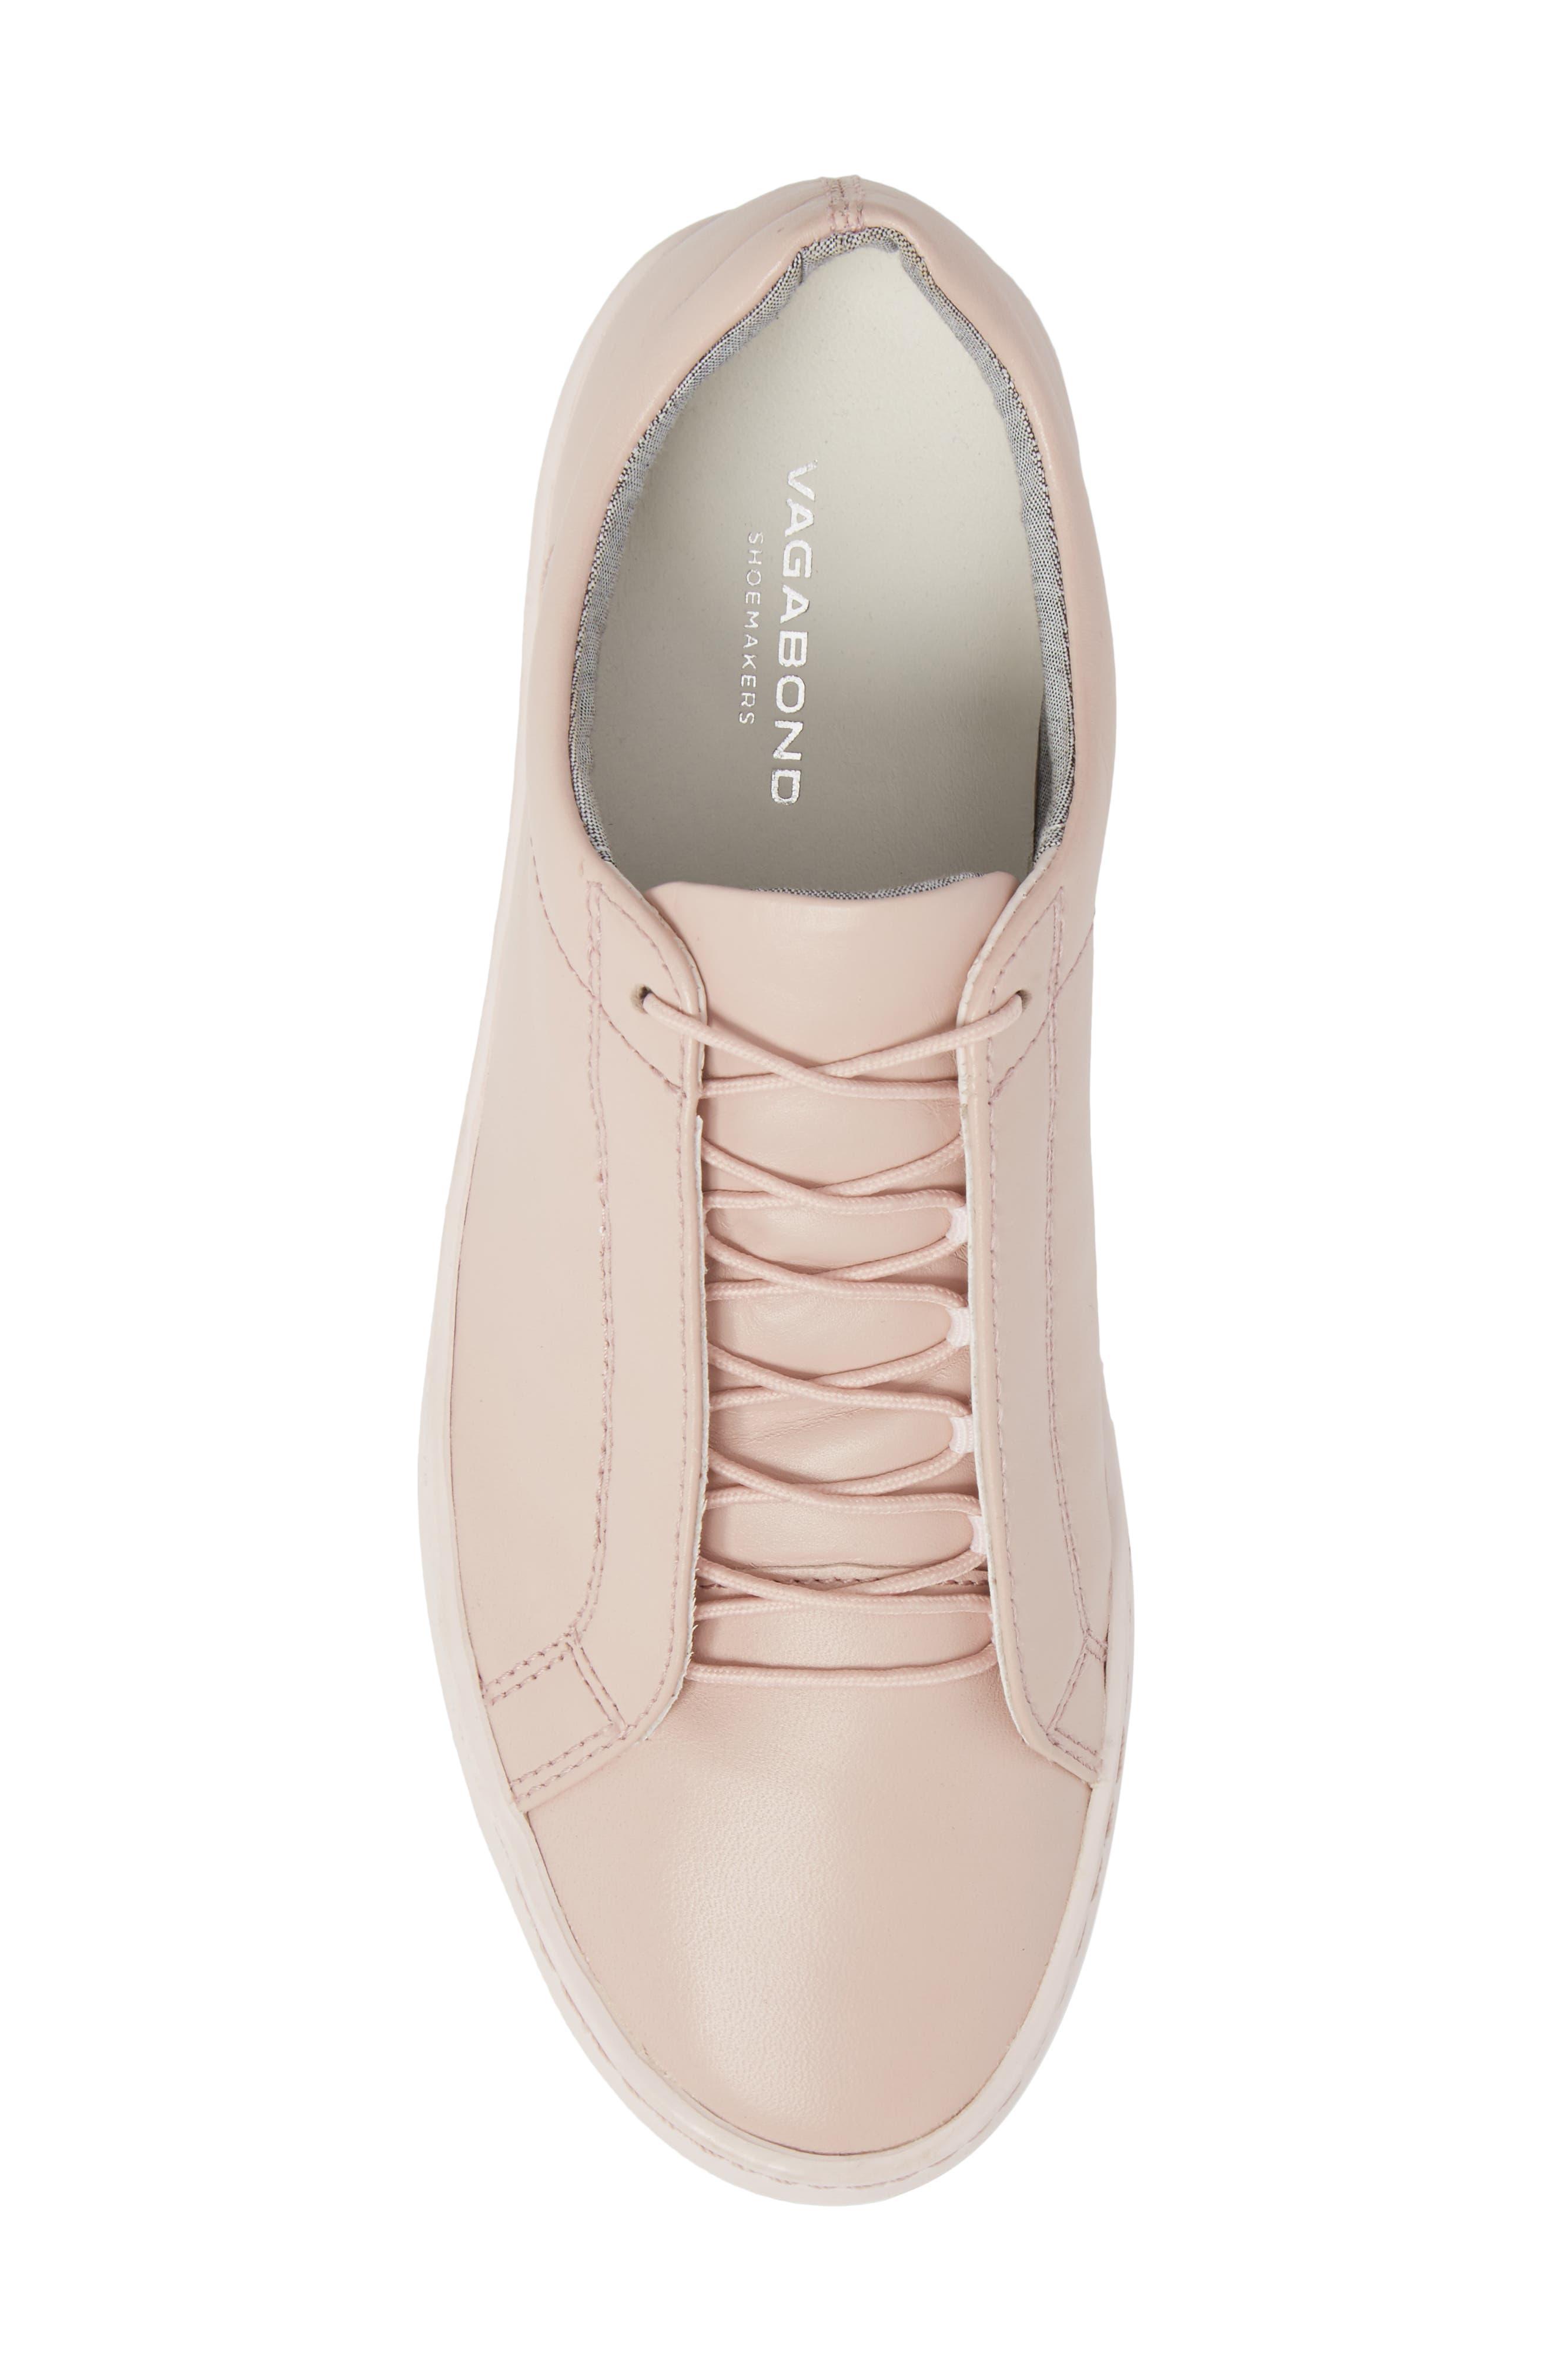 Zoe Sneaker,                             Alternate thumbnail 5, color,                             Milkshake Leather